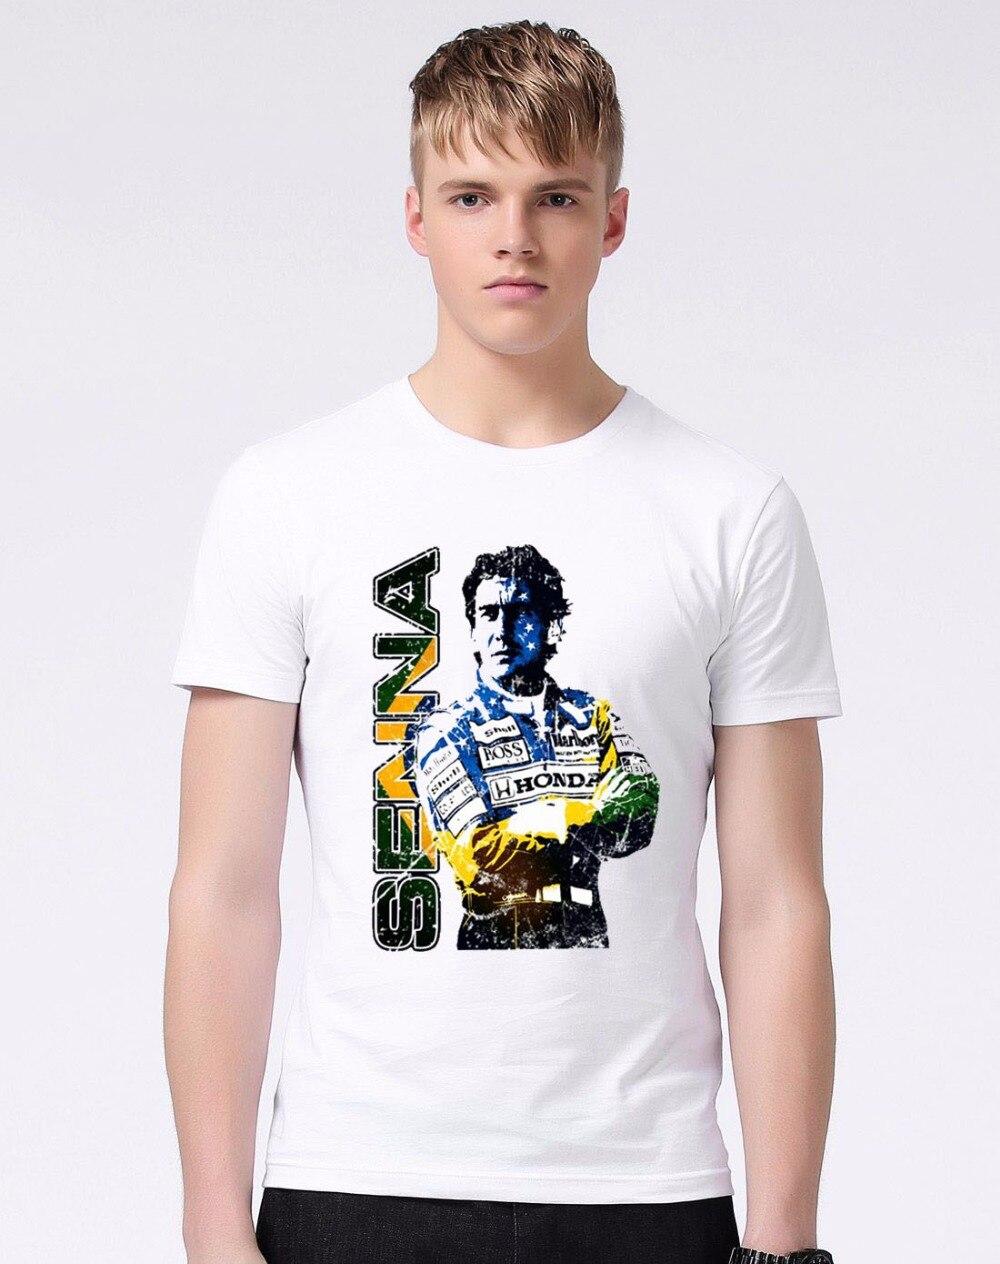 nova-marca-retro-dos-homens-originais-do-projeto-t-camisa-fas-de-carro-partes-superiores-legal-tees-o-meu-favorito-motorista-ayrton-font-b-senna-b-font-m521